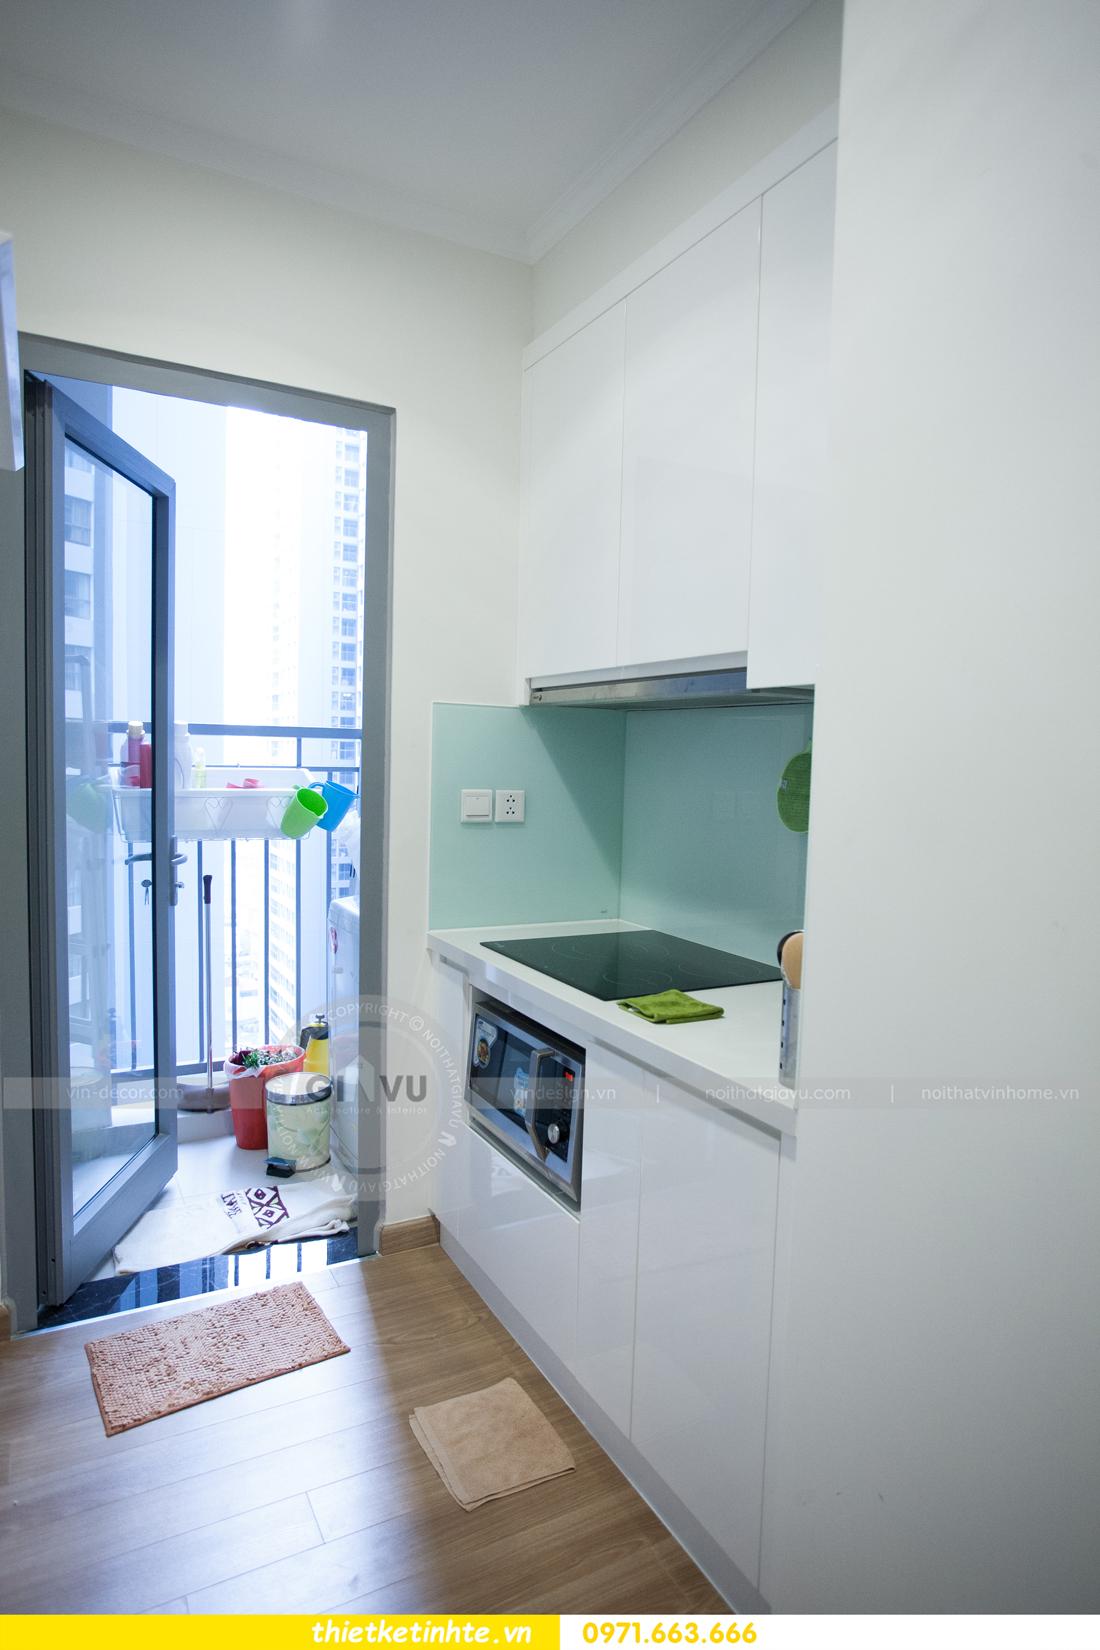 hoàn thiện nội thất chung cư Park Hill căn 2 phòng ngủ 10